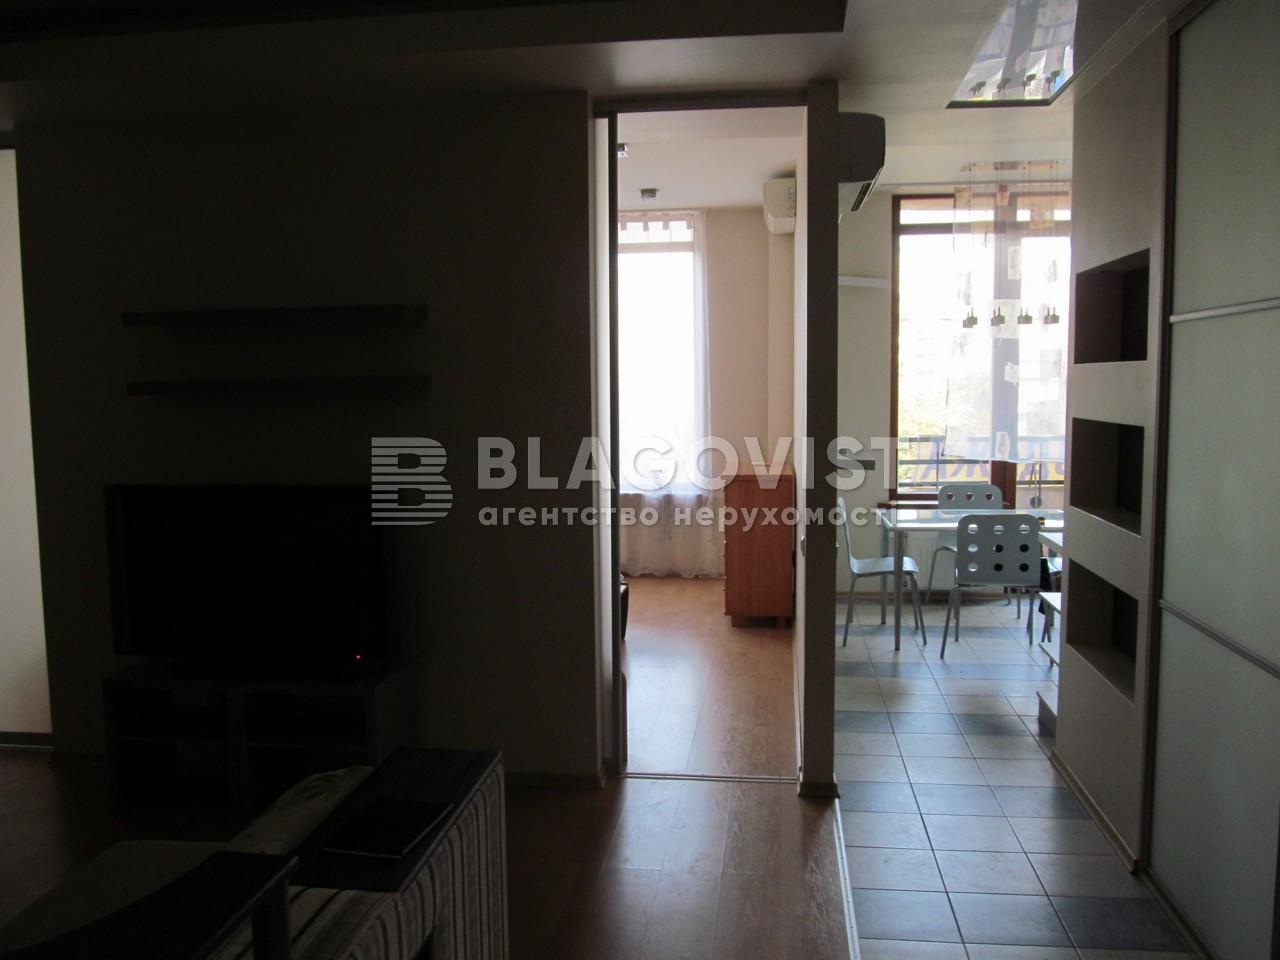 Квартира F-38355, Жилянская, 59, Киев - Фото 13